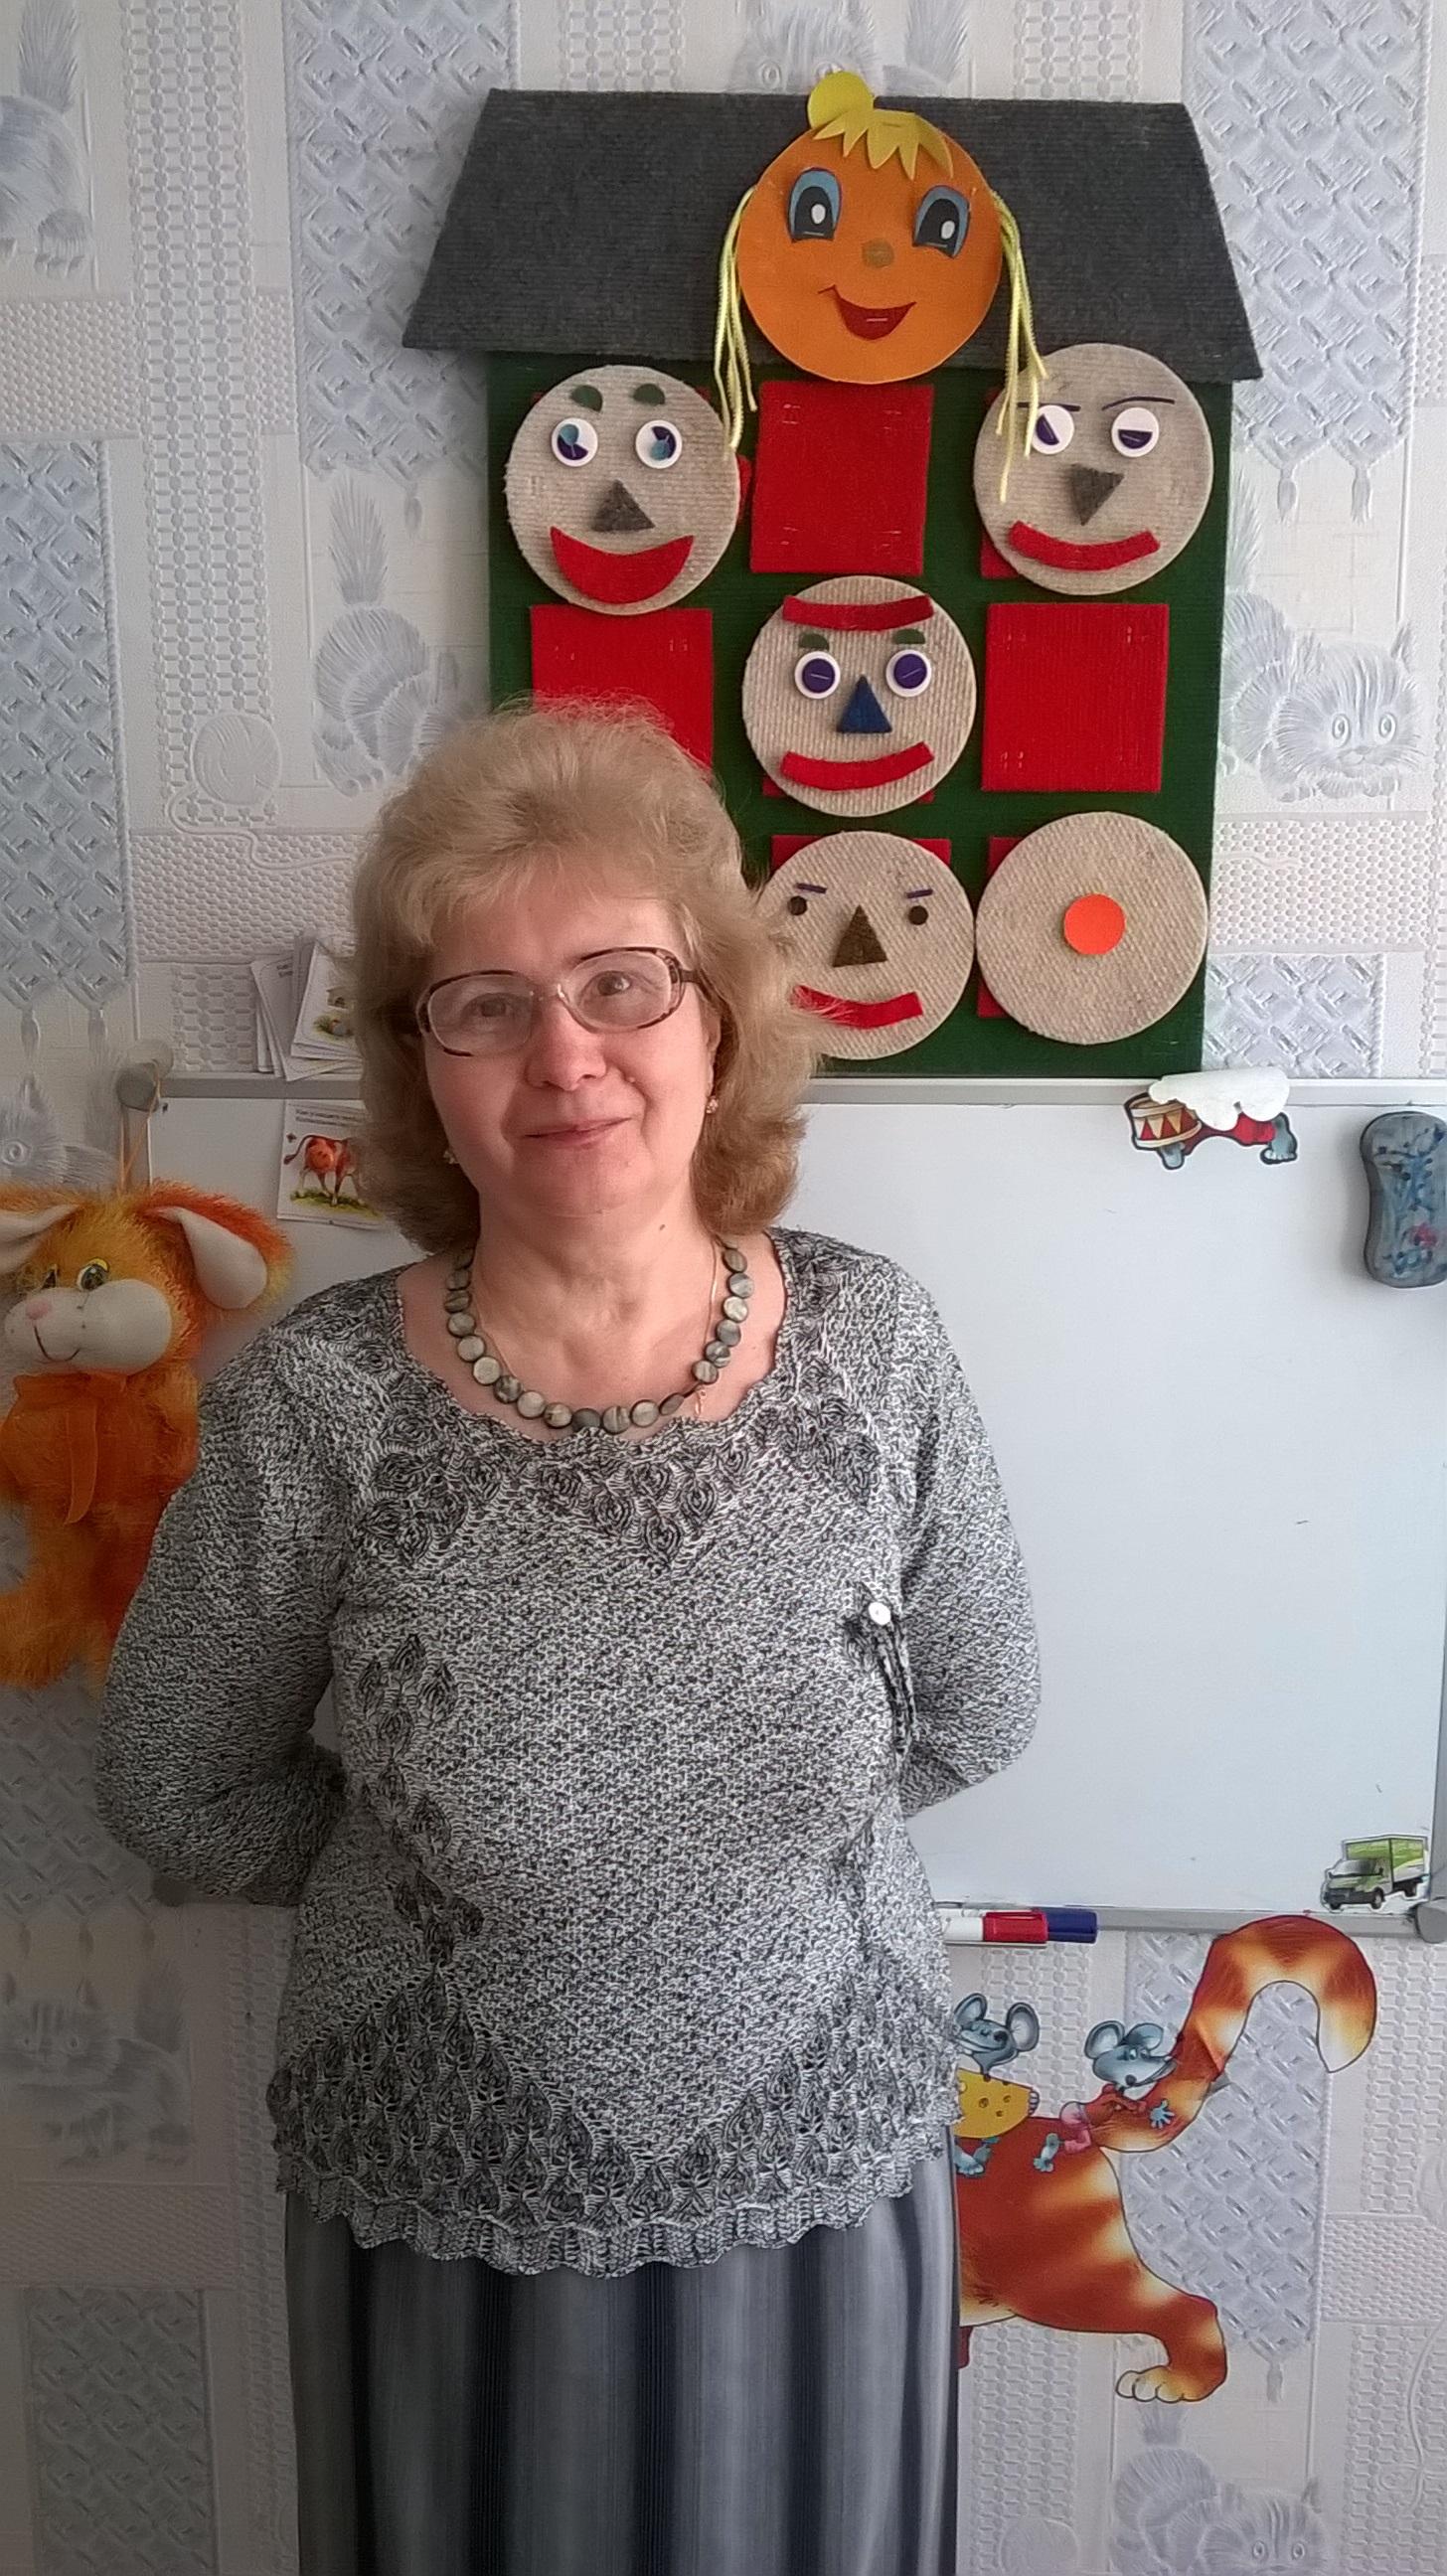 http://www.xn--63-6kcglbf8b6bjfgaf.xn--p1ai/pedagogi_foto/peskovskaja_e.v..png